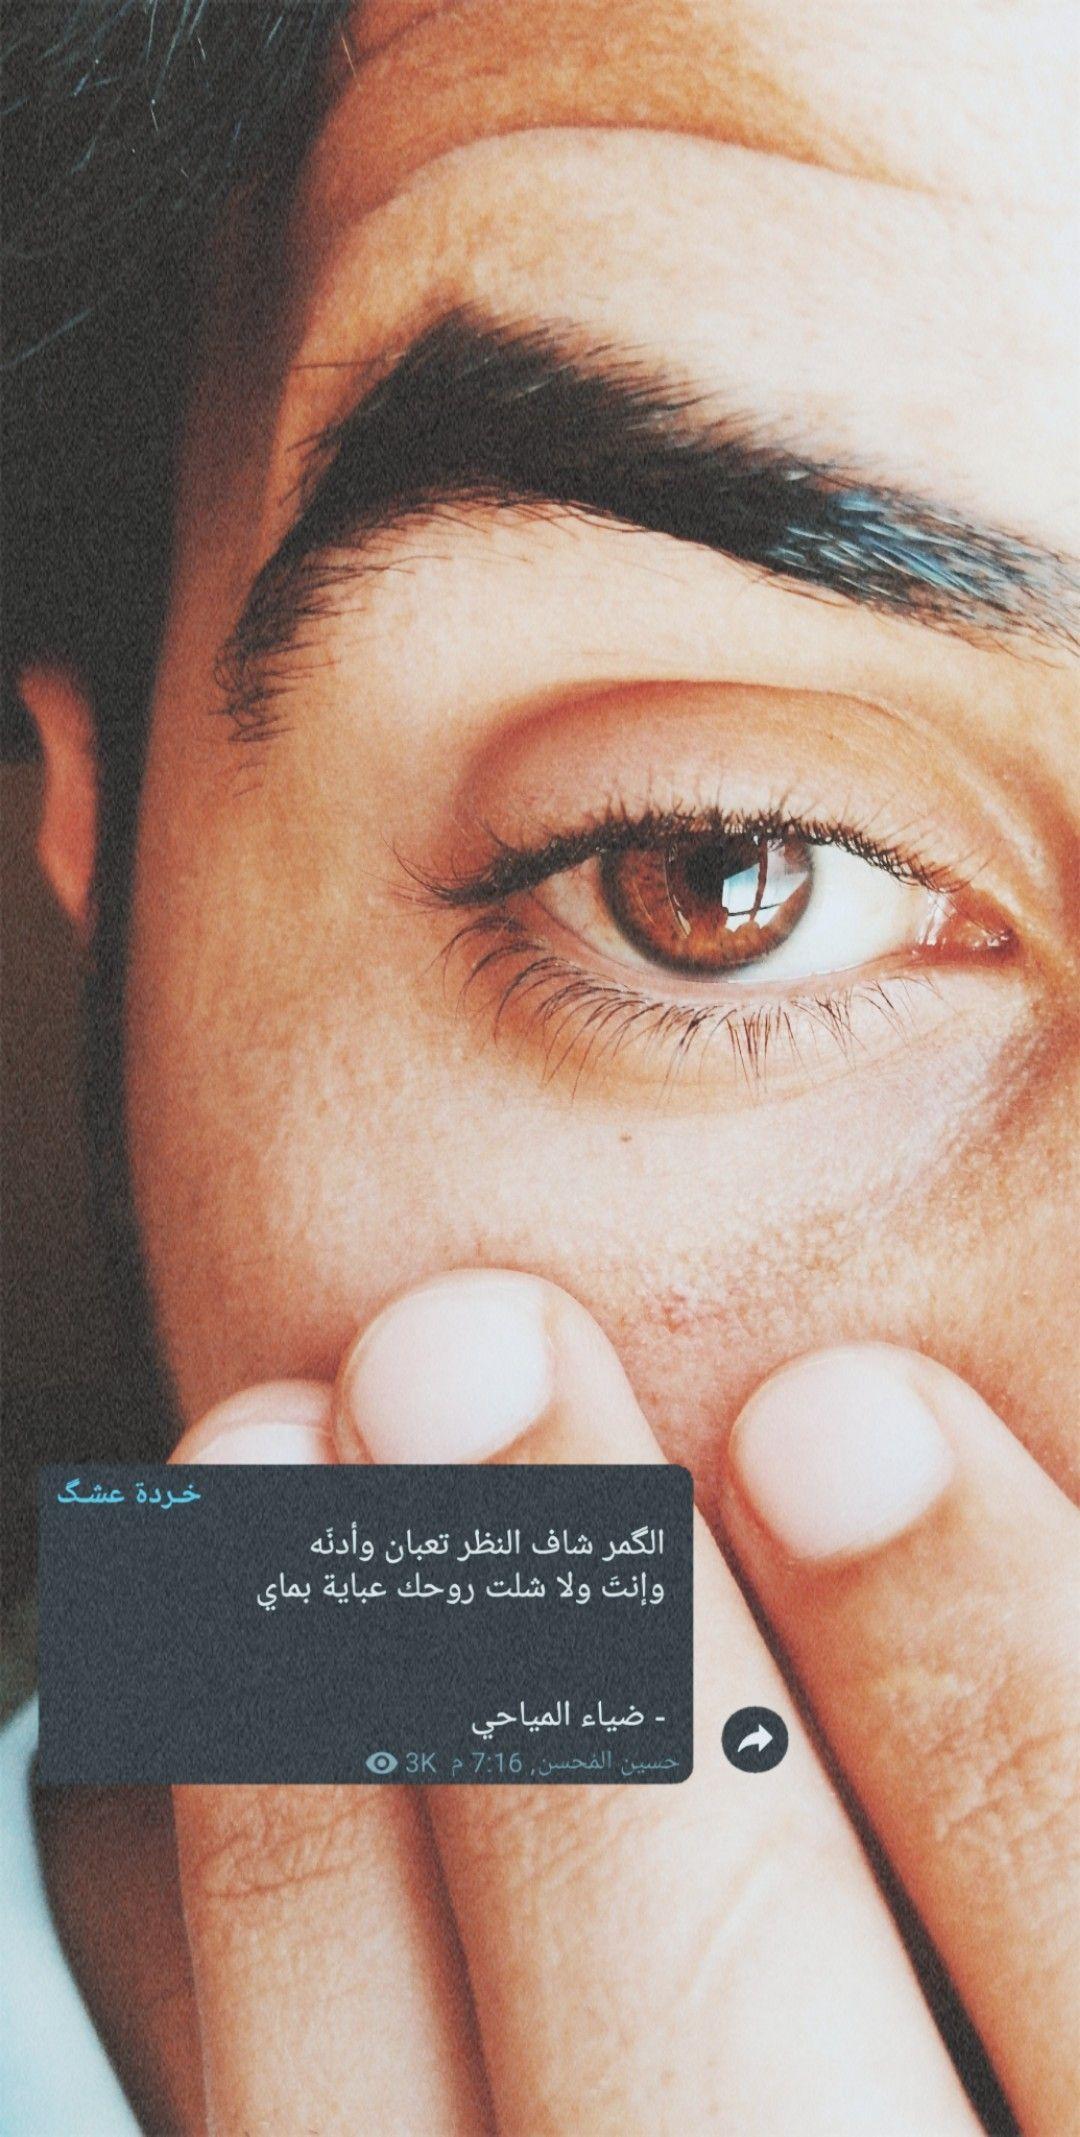 رمزيات عيون Cover Photo Quotes Photo Quotes Cover Photos